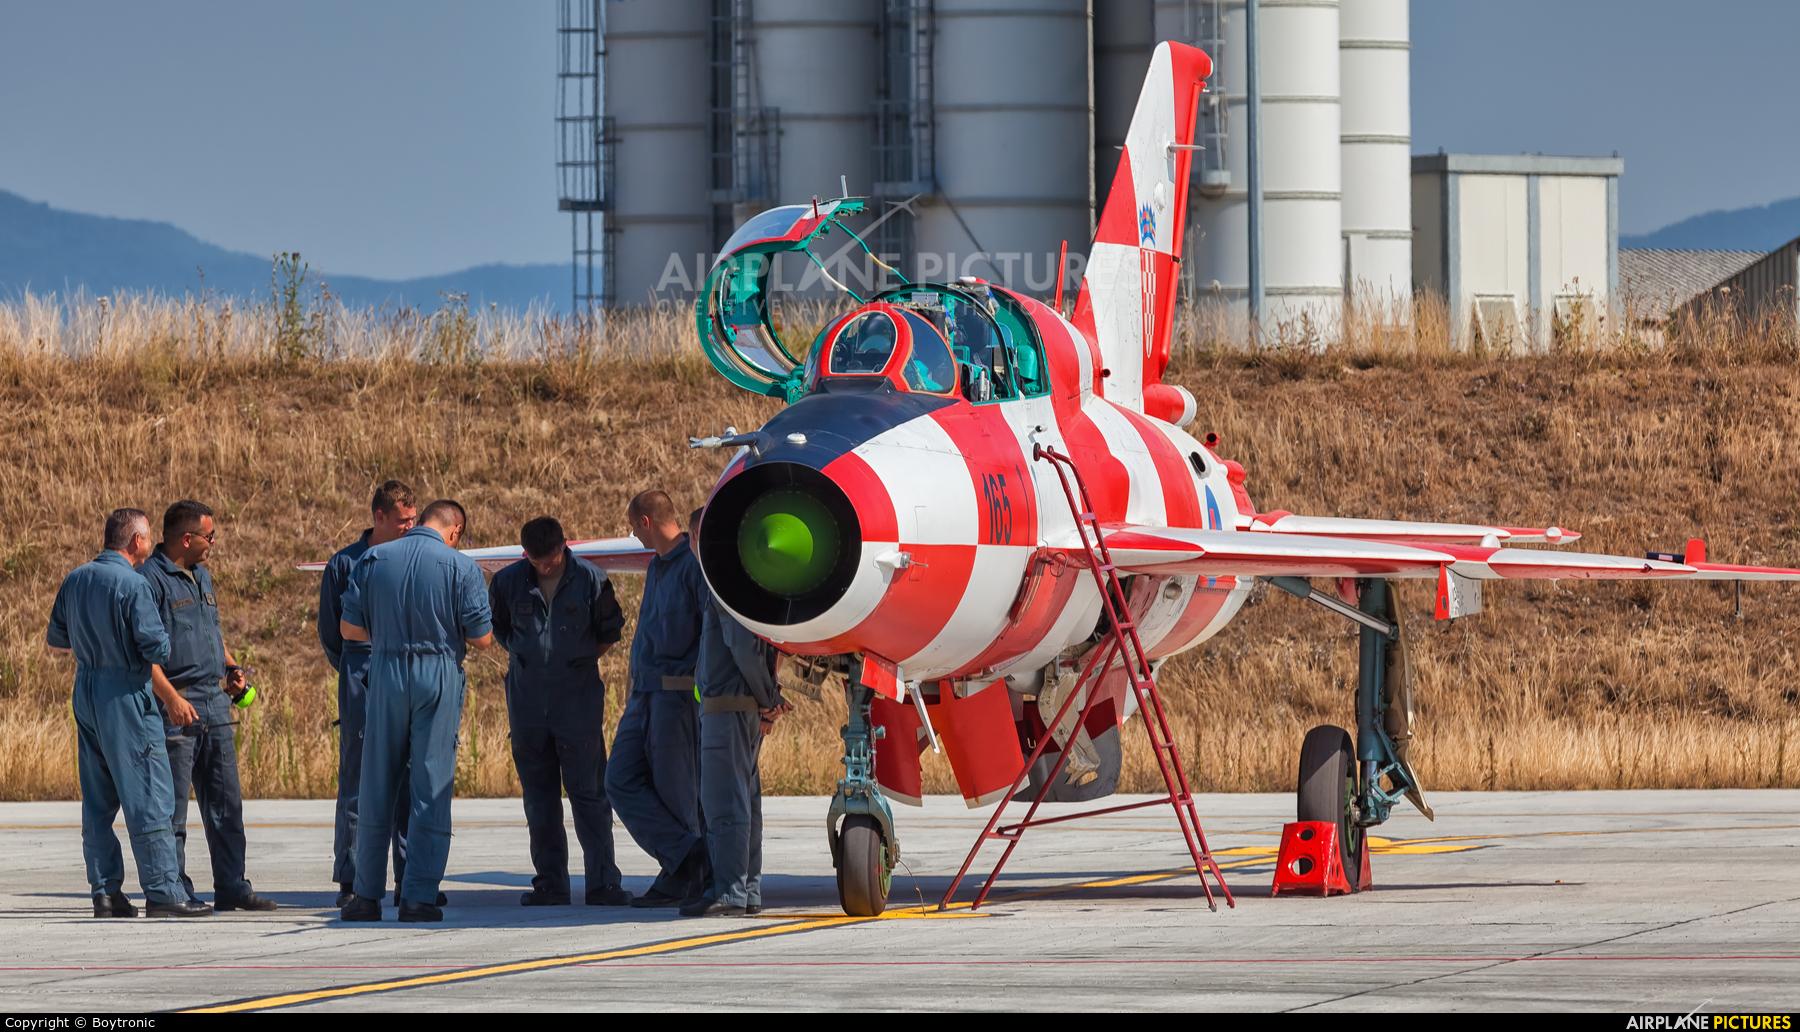 Croatia - Air Force 165 aircraft at Zagreb